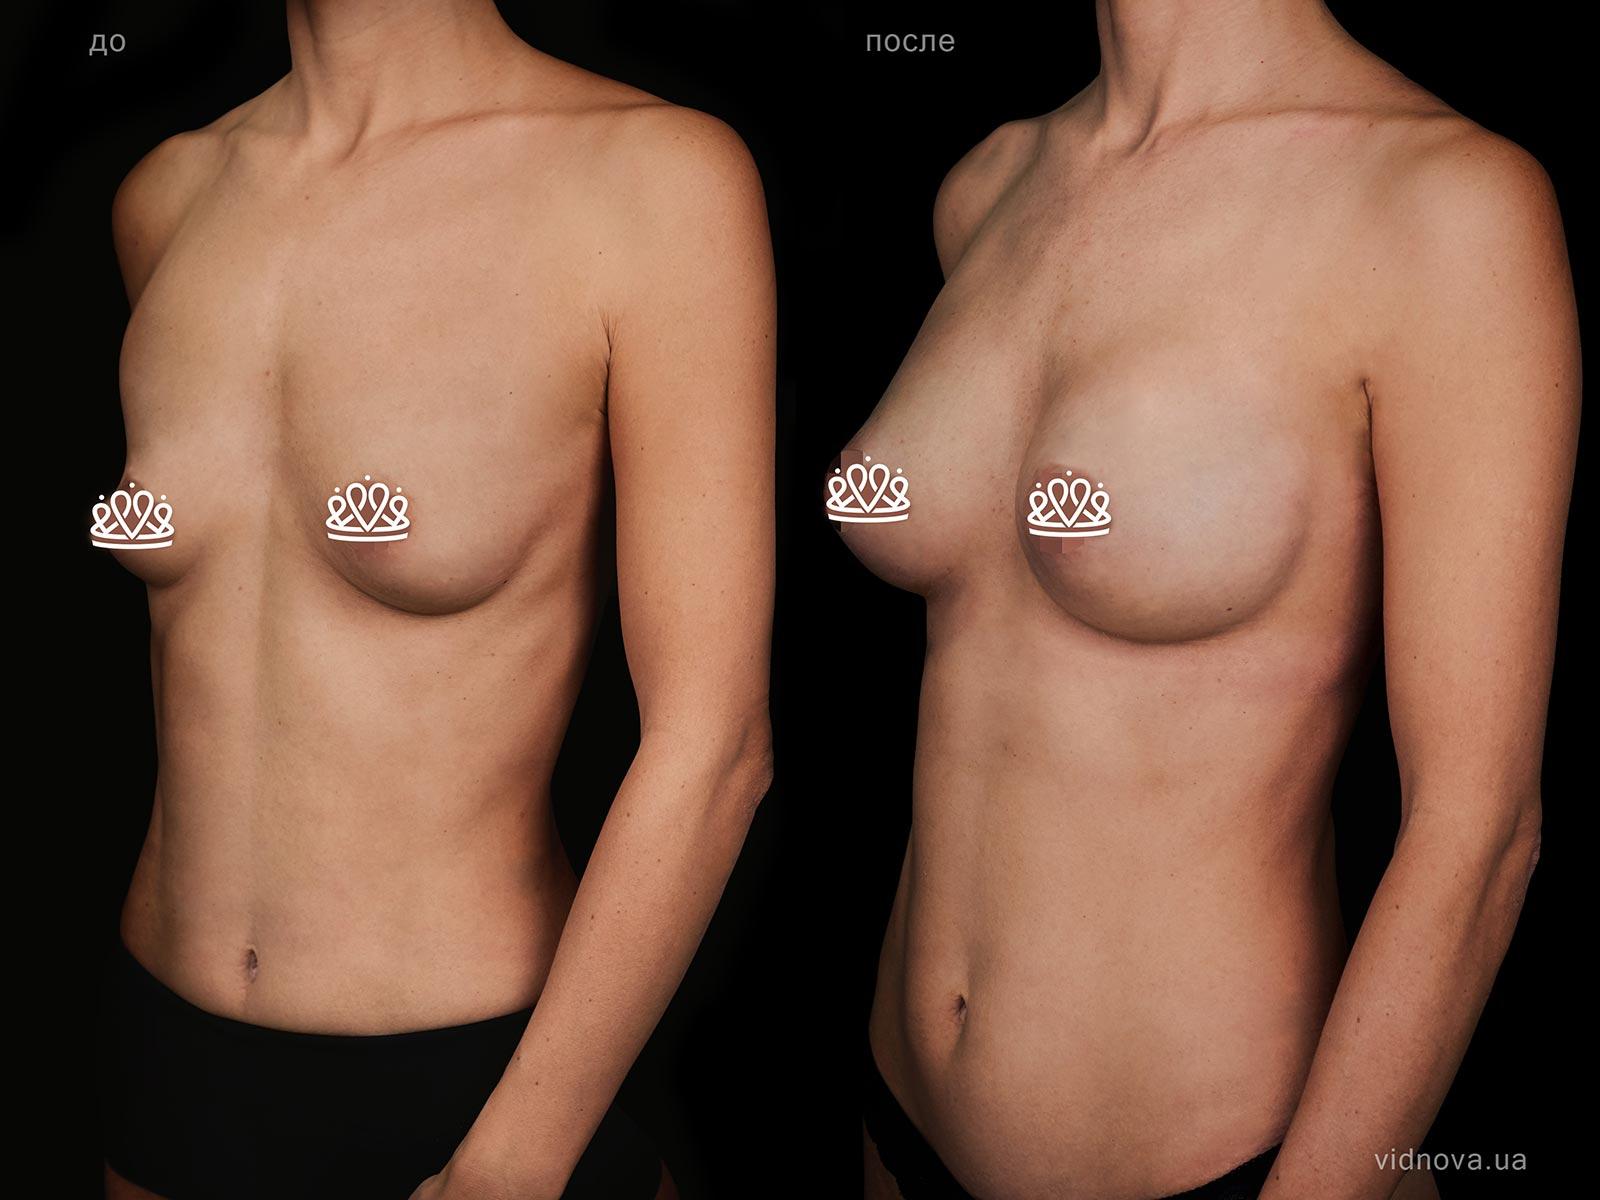 Пластика груди: результаты до и после - Пример №122-1 - Светлана Работенко